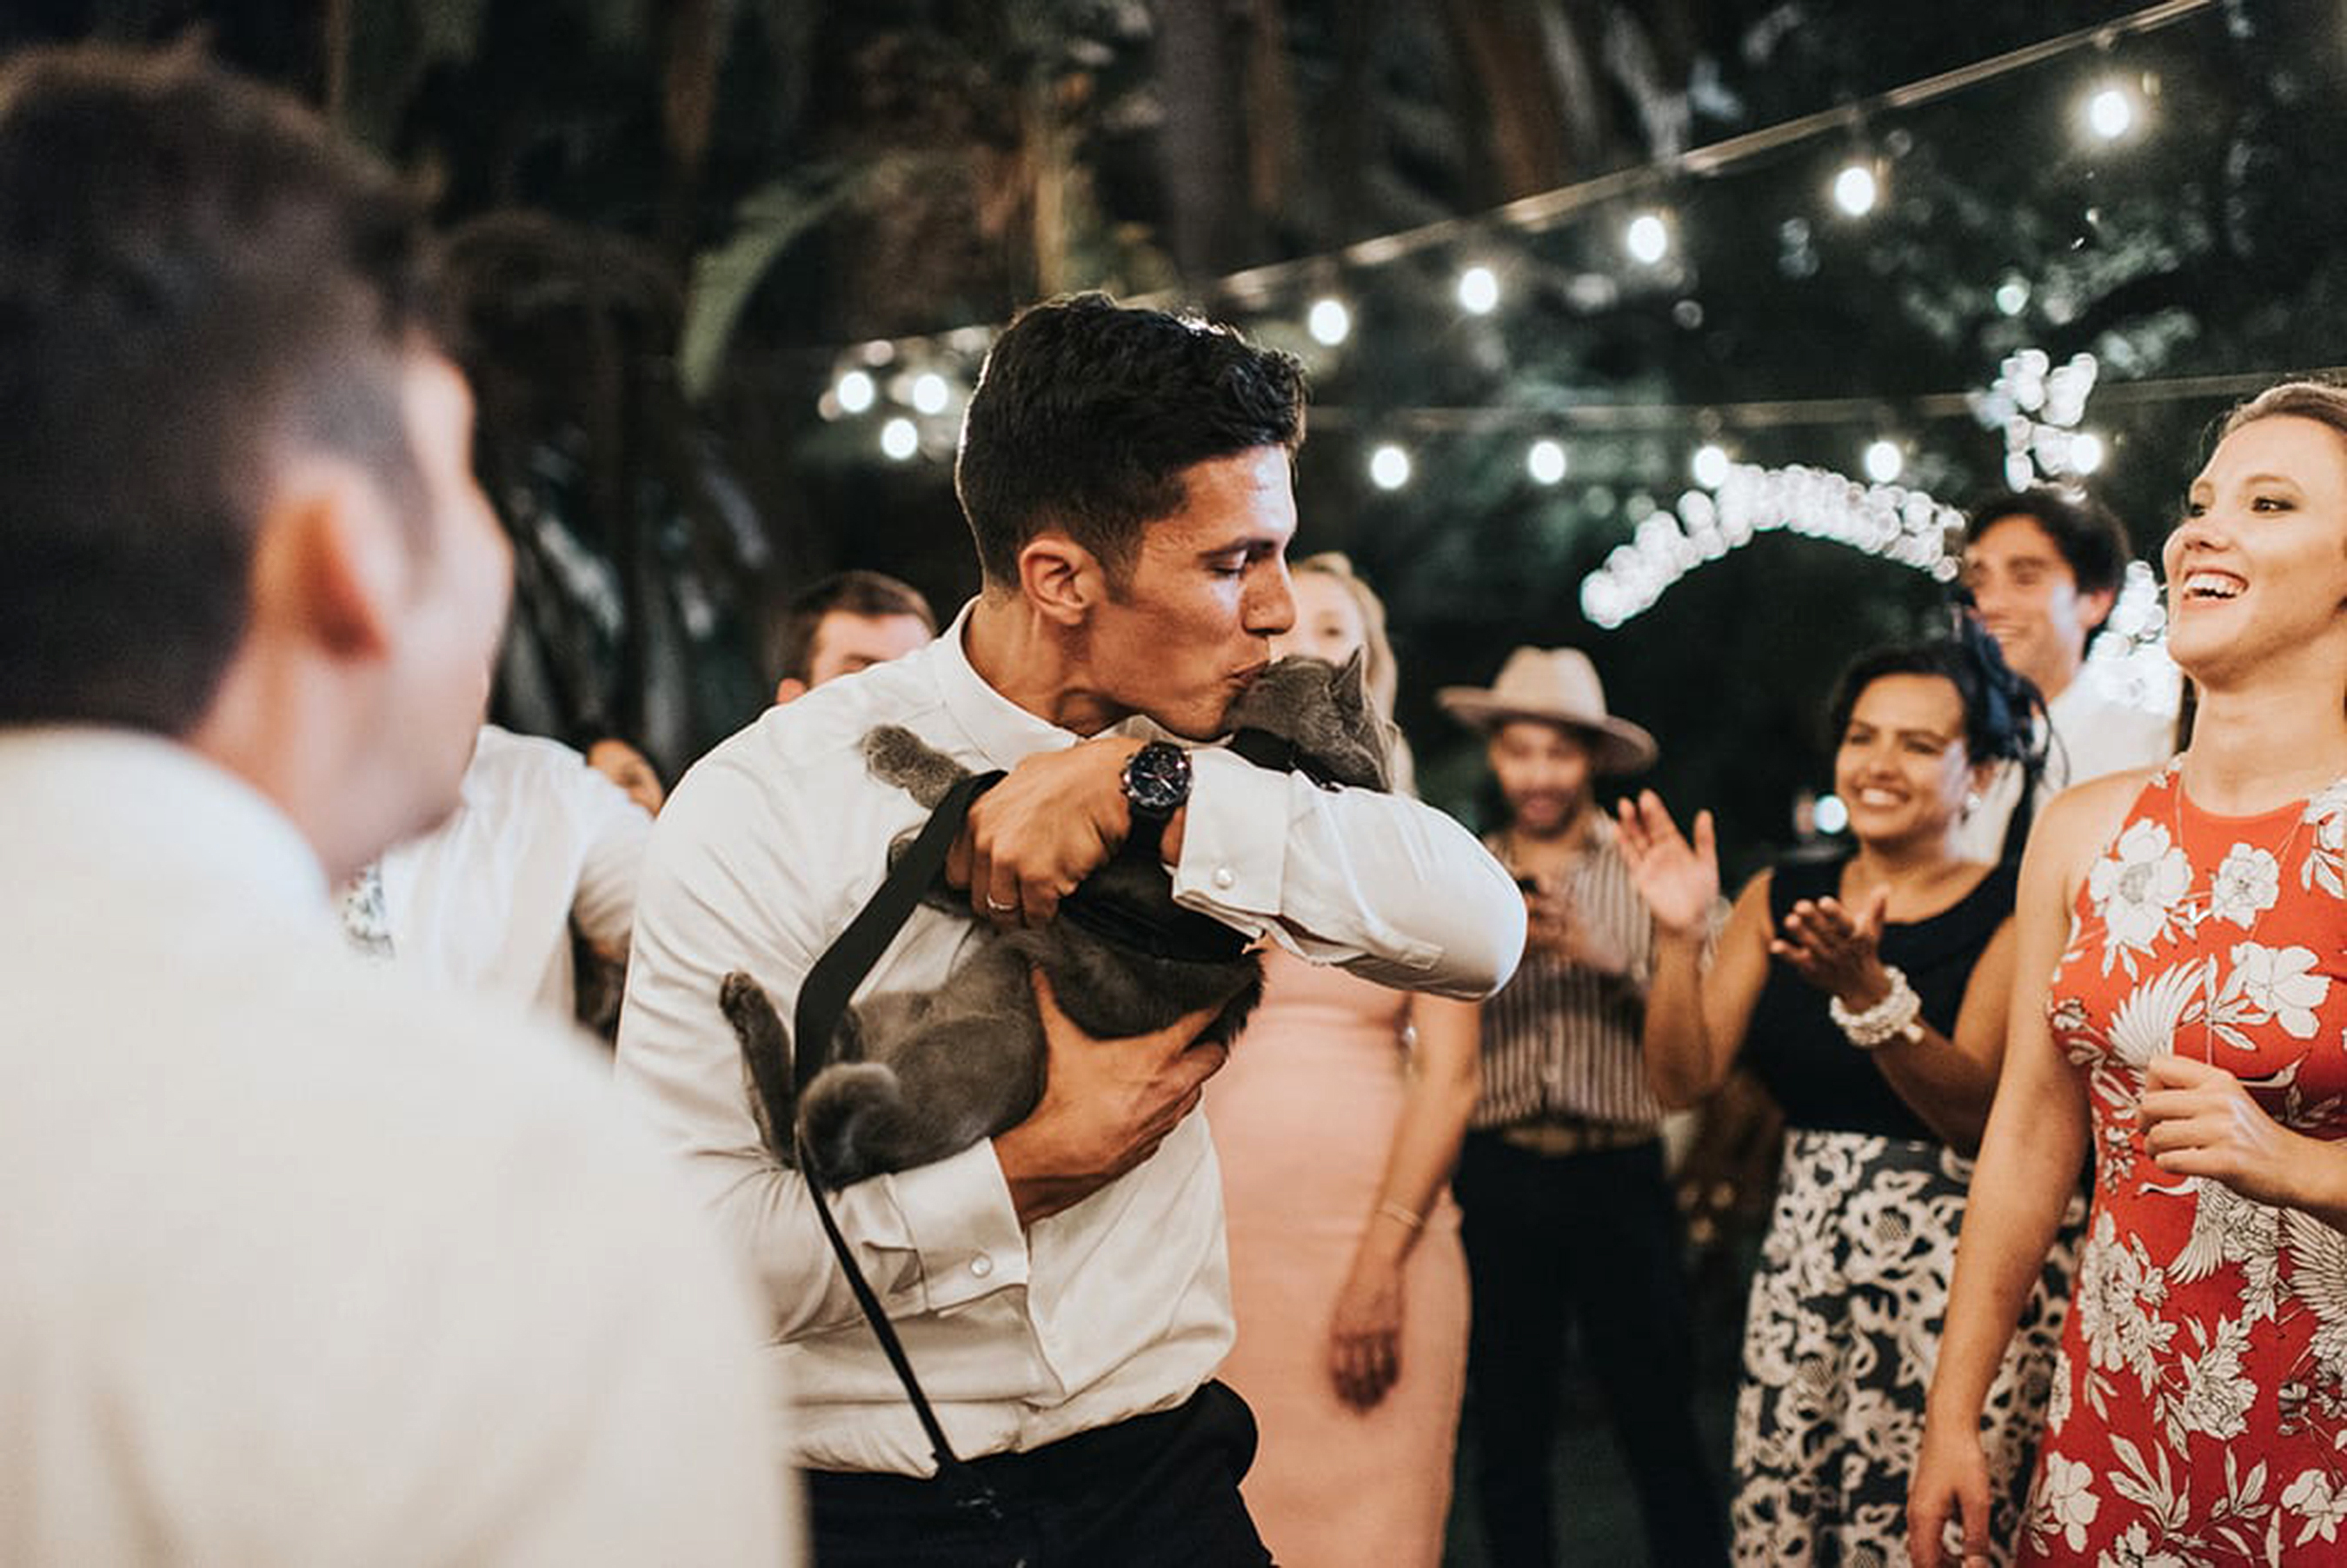 groom's cat serves as best man at wedding